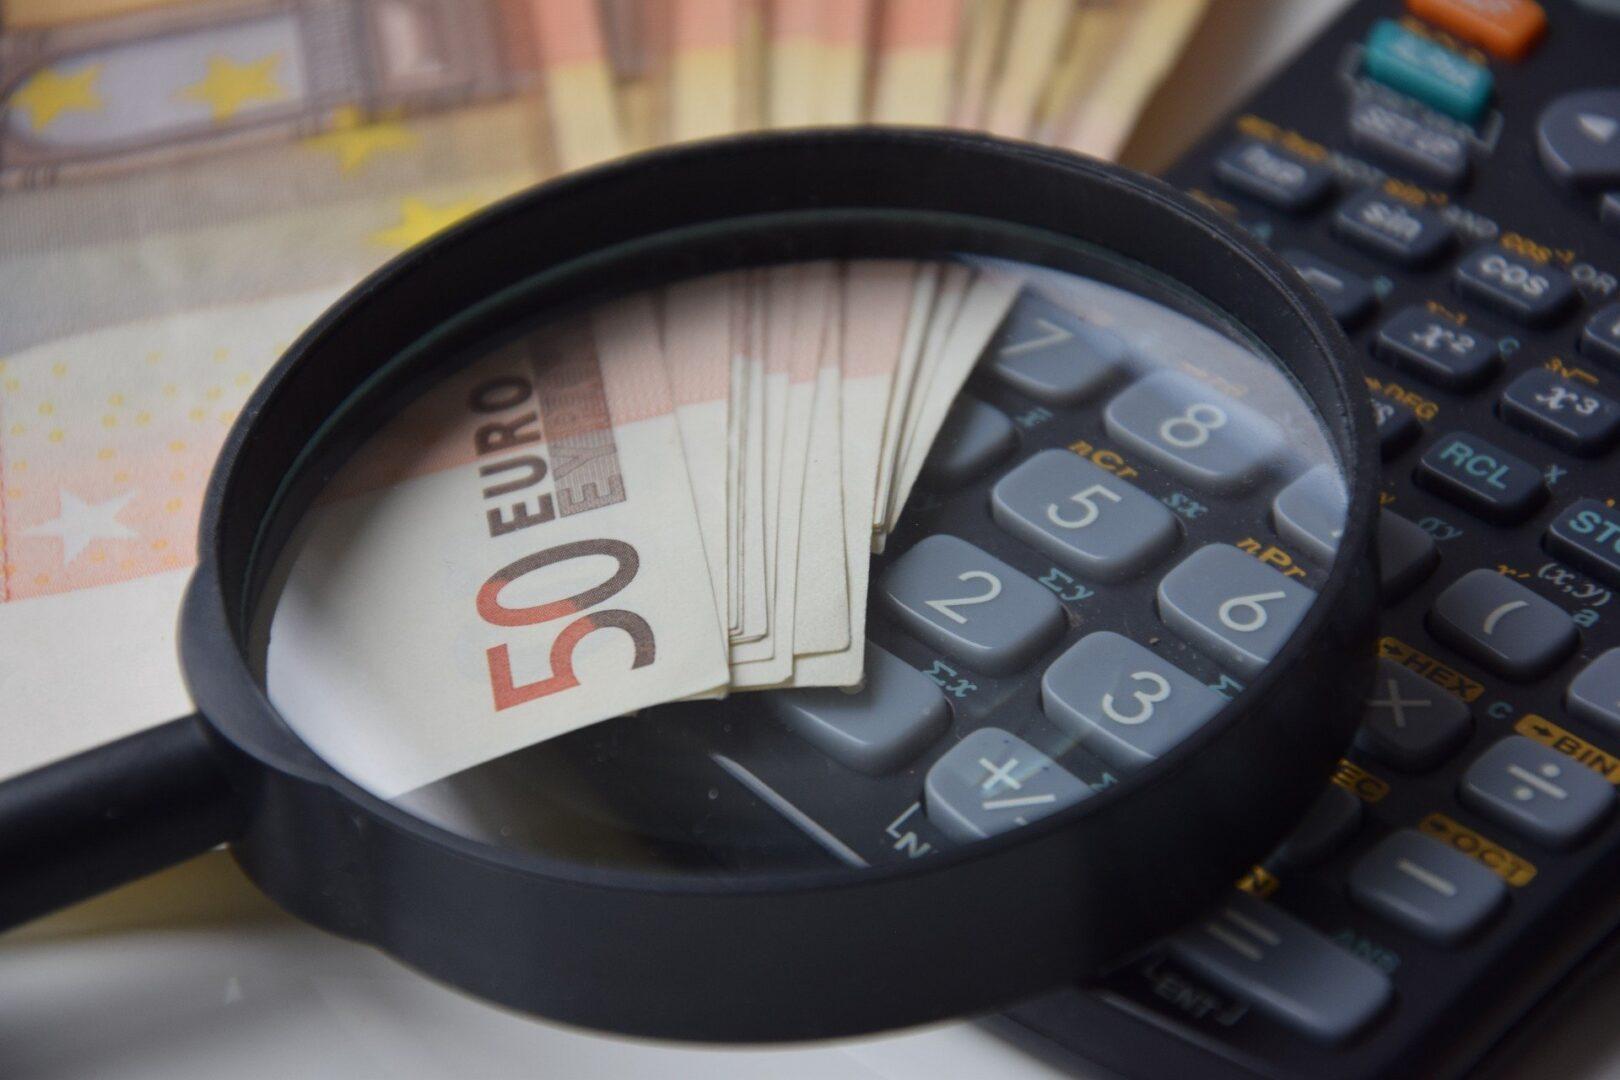 Uprava Republike Slovenije za javna plačila je skrbnica primarnega registra za neposredne proračunske uporabnike, Agencija Republike Slovenije za javnopravne evidence in storitve pa je skrbnica za register za posredne proračunske uporabnike.